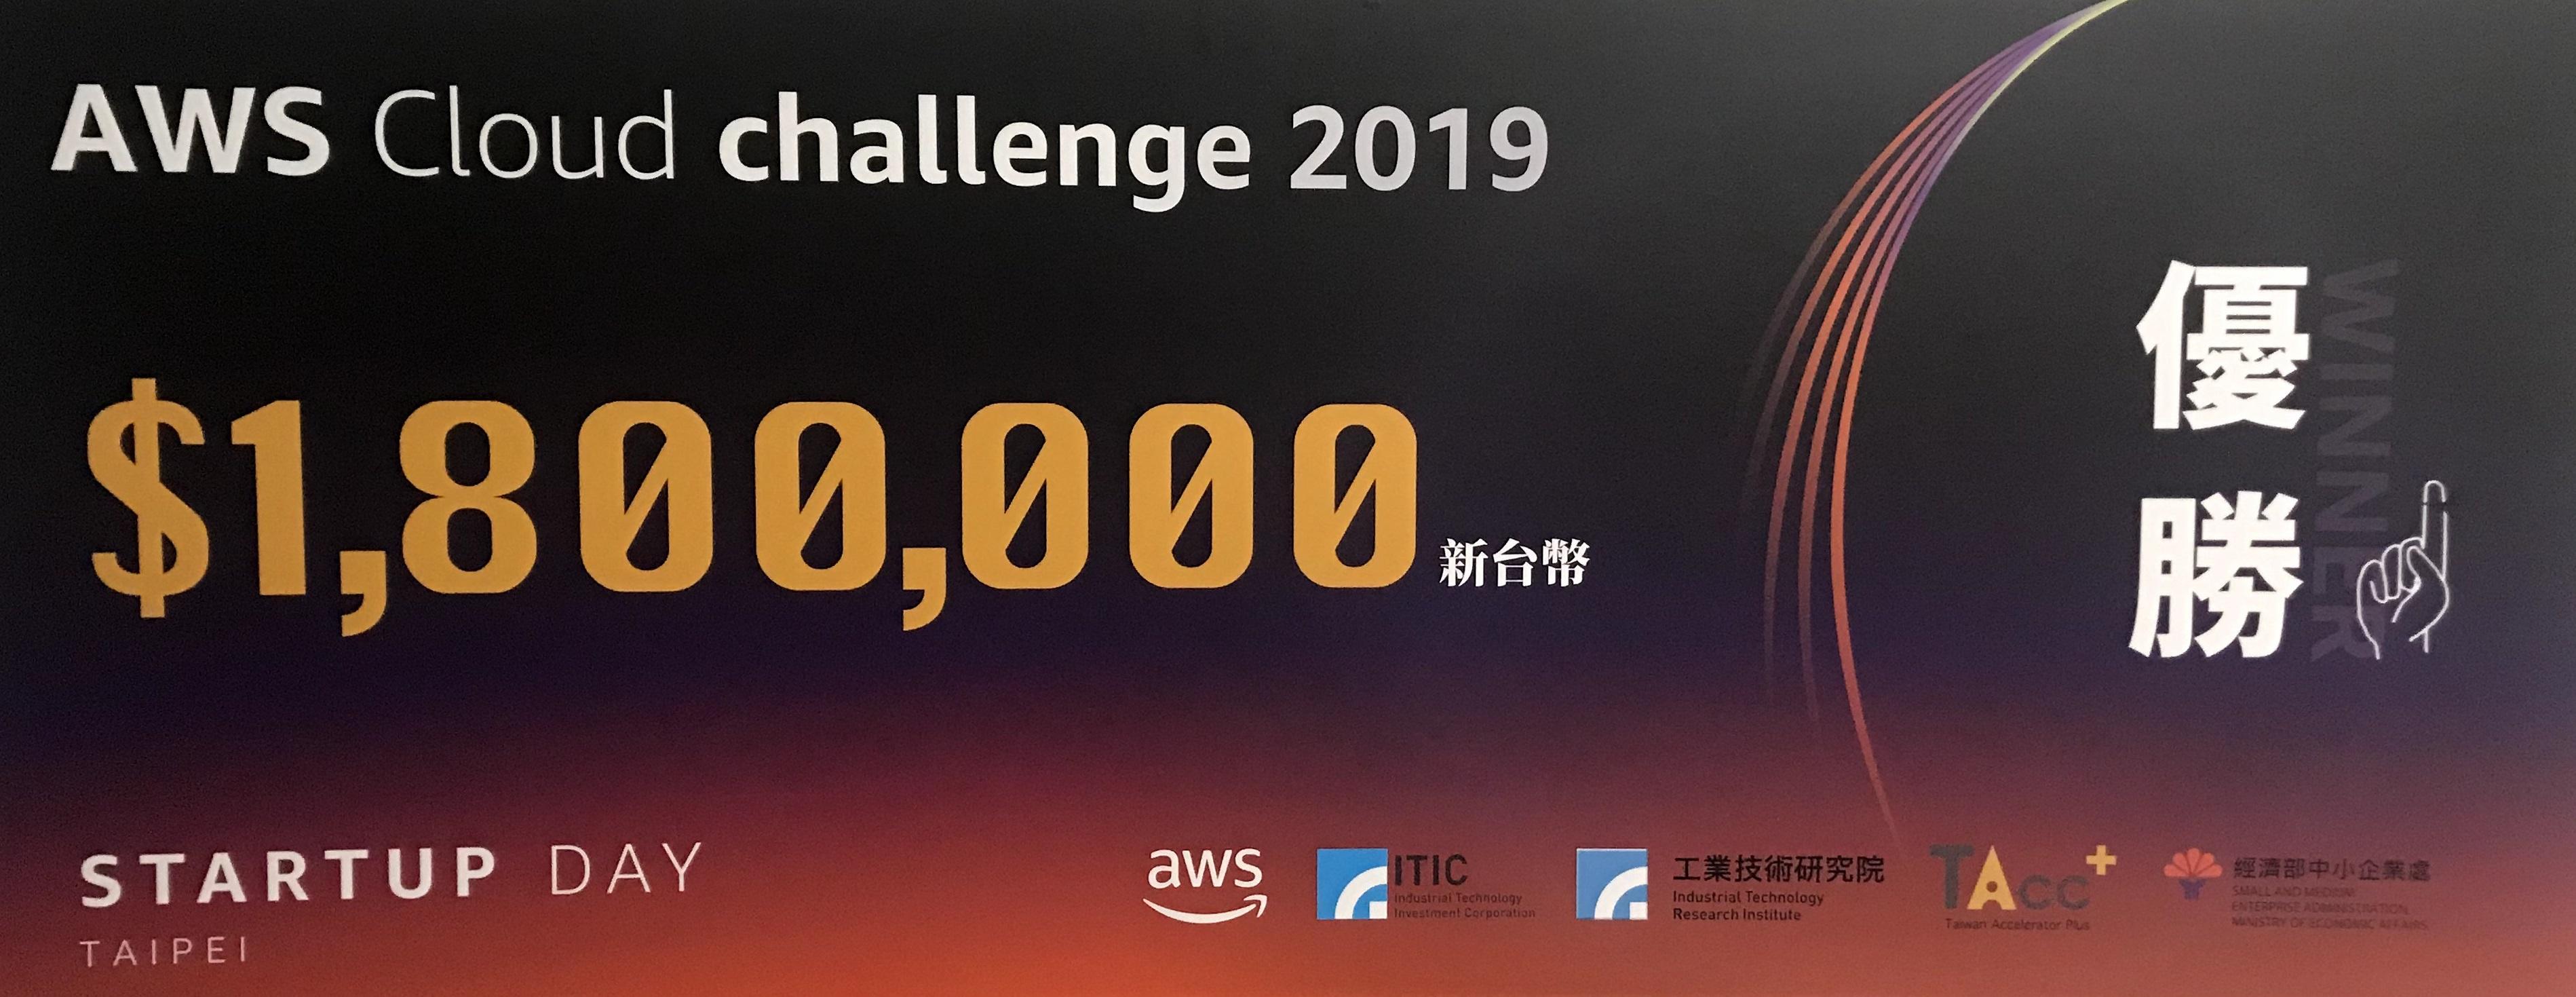 愛因斯坦人工智慧AWS Cloud Challenge的第一名以及180萬新台幣現金